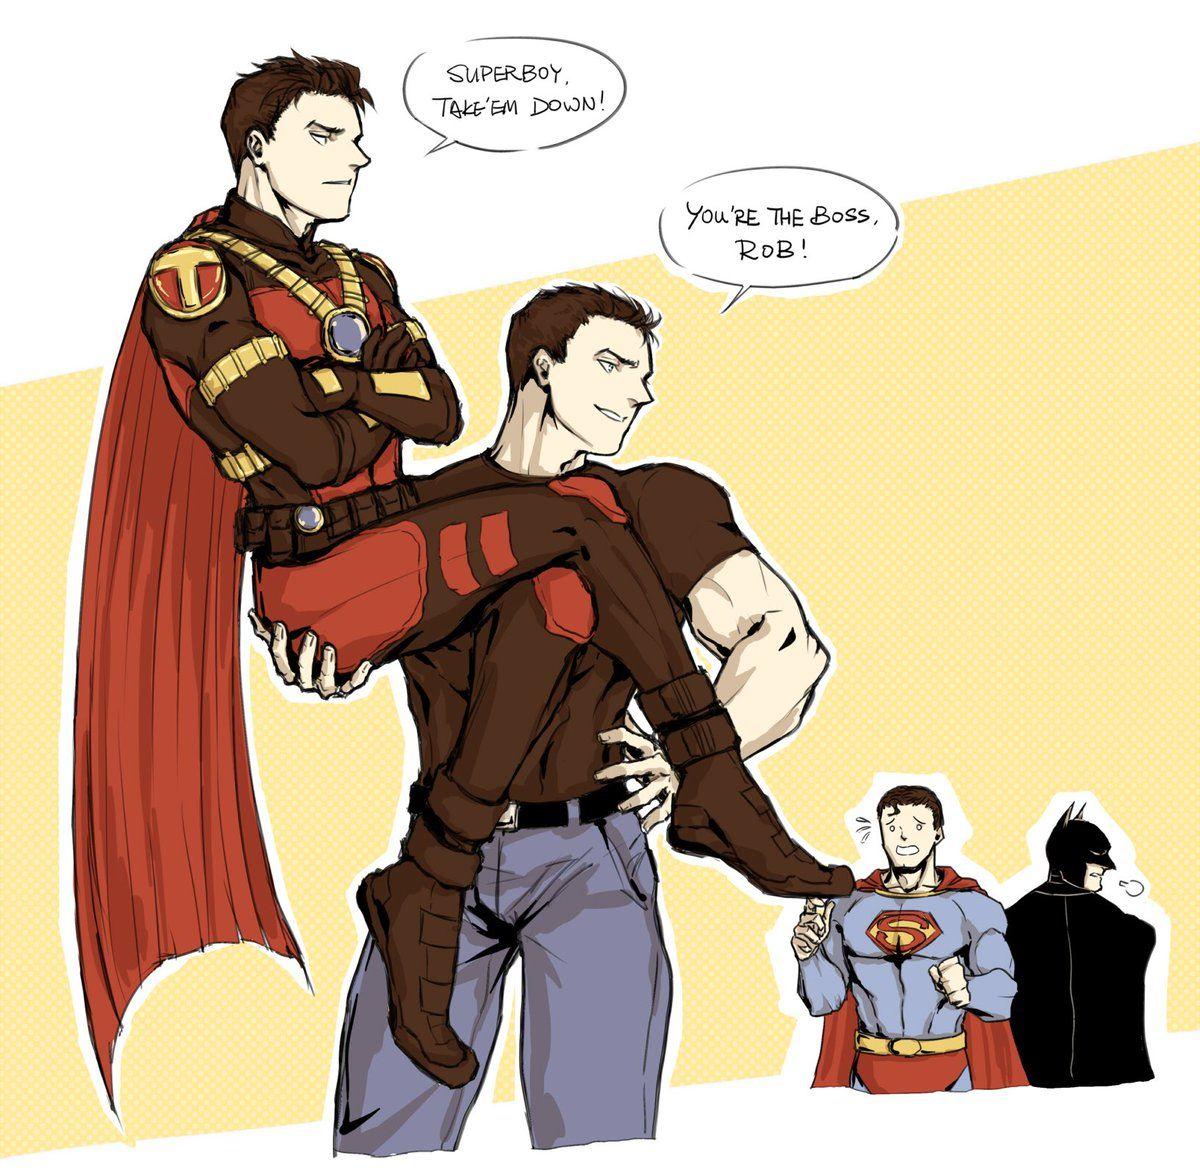 KABE on | Tim/Kon | Superman x batman, Batman, superman, Robin dc